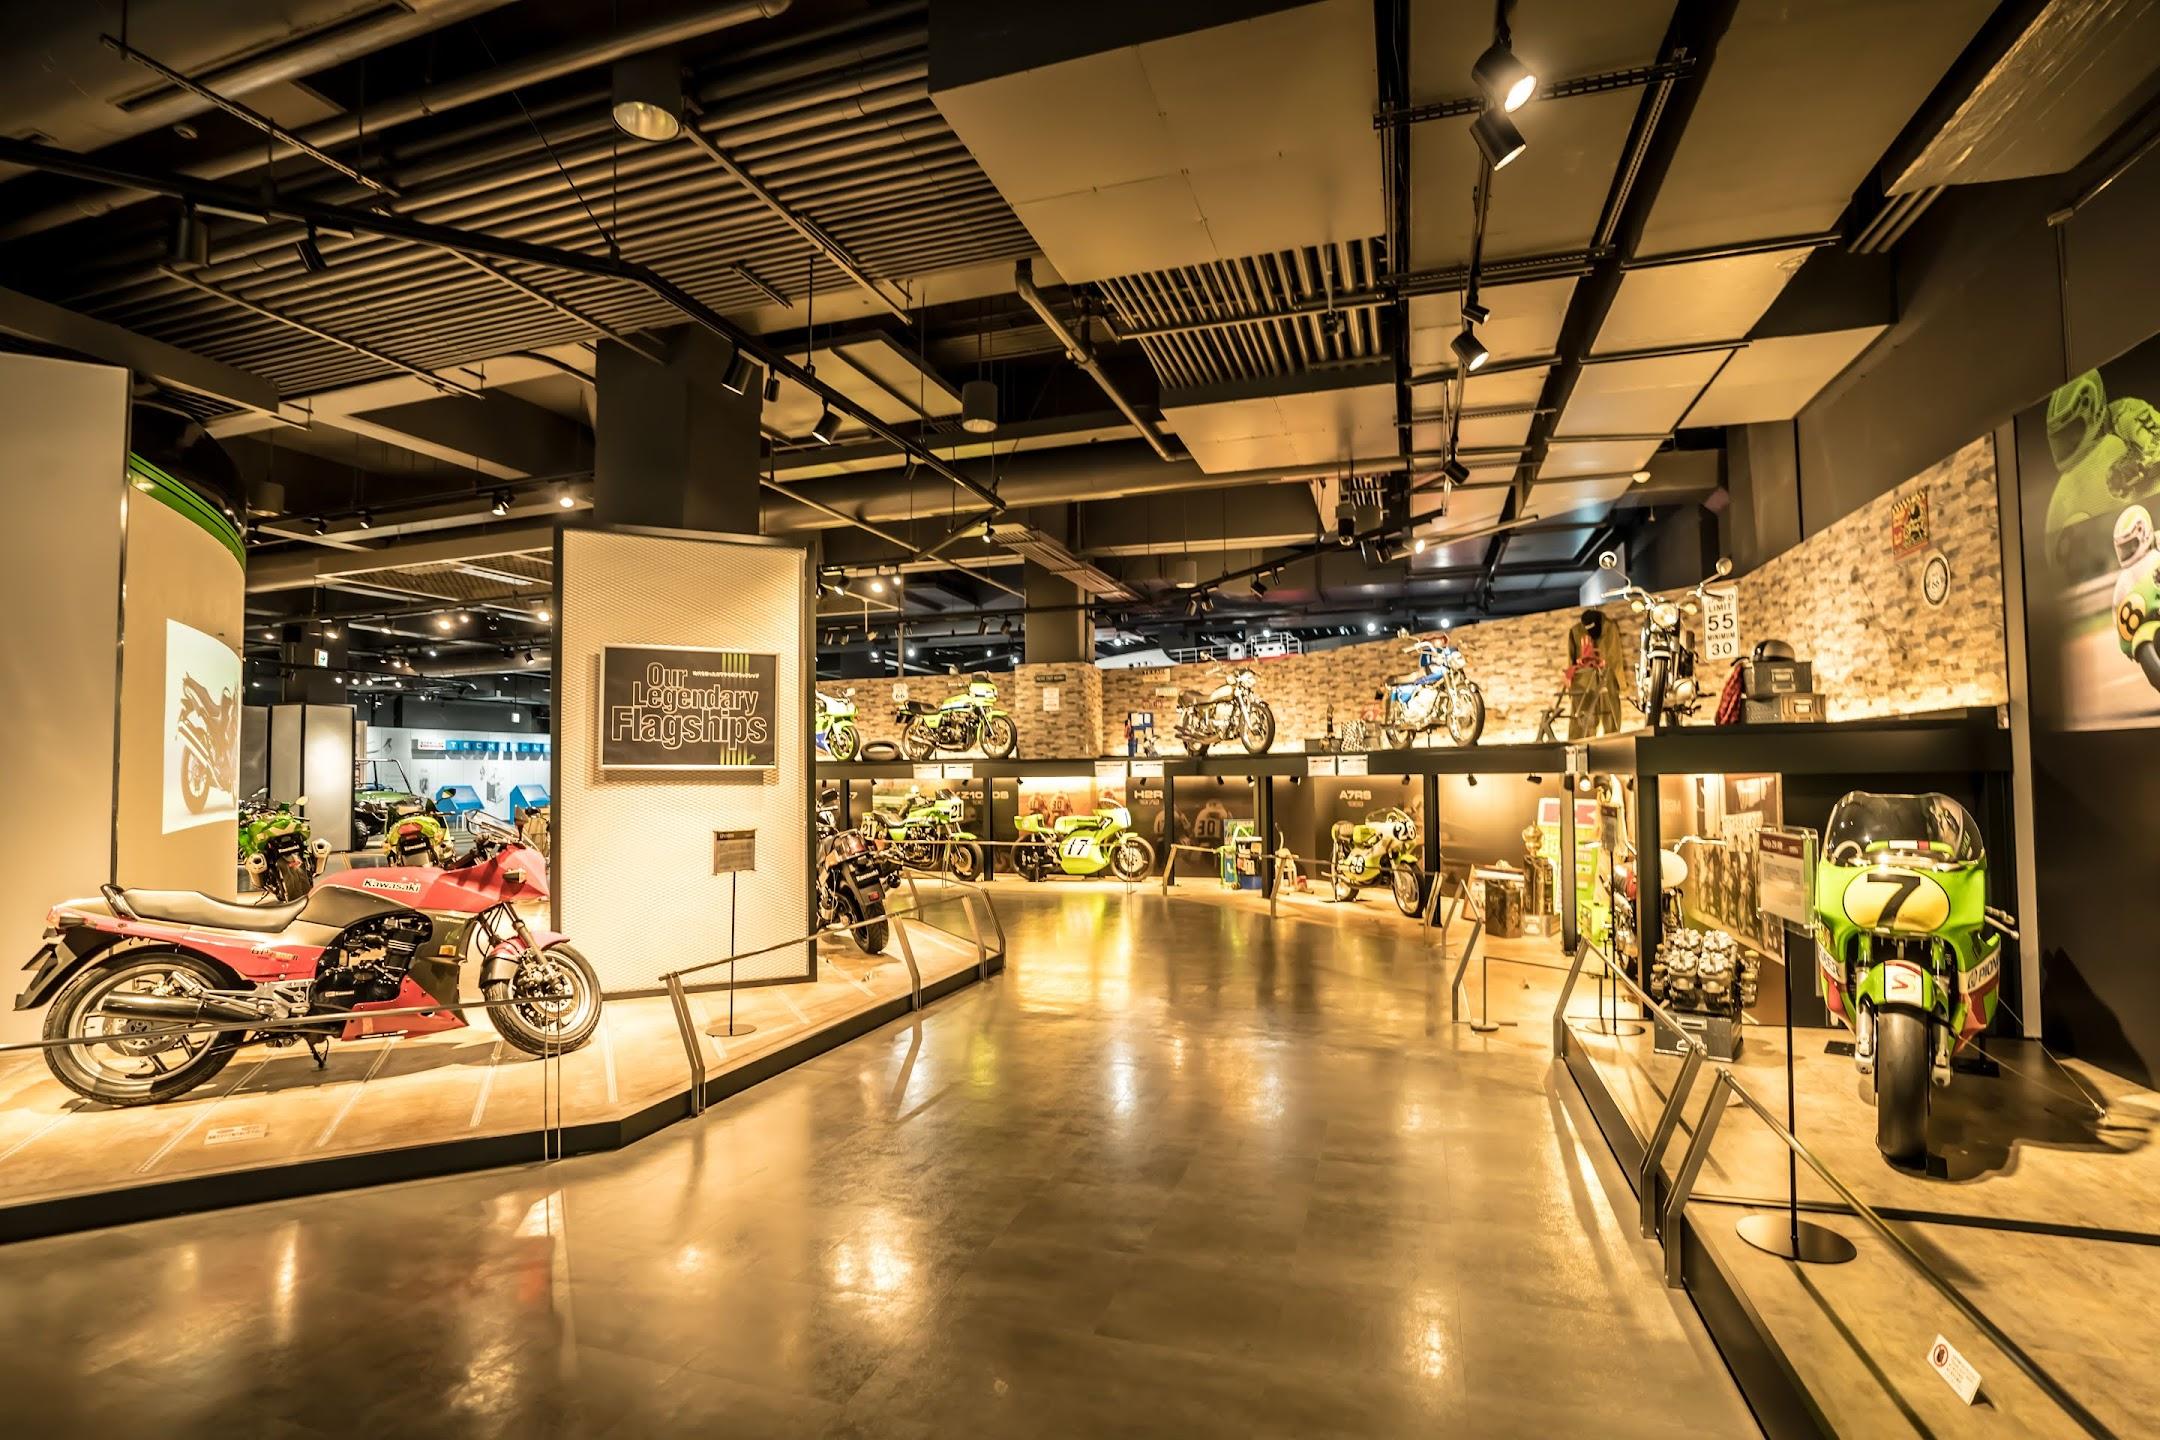 神戸 メリケンパーク カワサキワールド オートバイ3